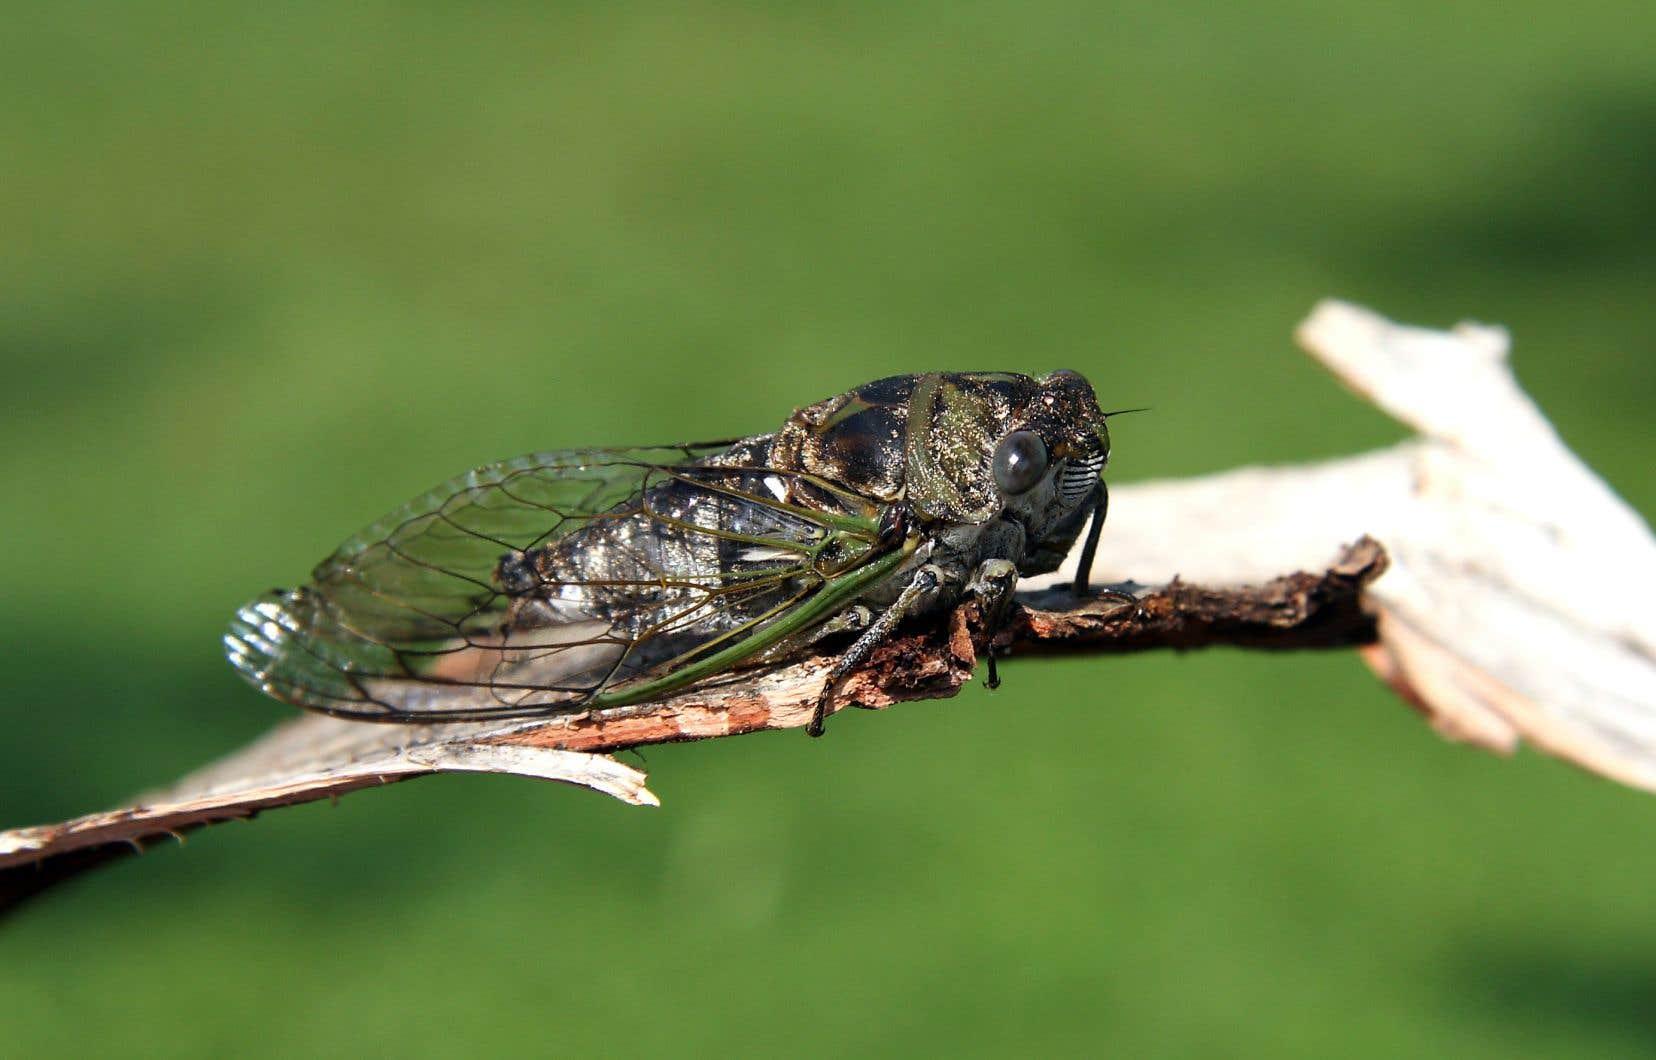 La cigale caniculaire verdâtre de vingt et quelques millimètres paraît quatre ou cinq fois plus grosse qu'une mouche, avec une tête ronde et aplatie, une paire de gros yeux et trois ocelles, deux courtes antennes, six pattes et deux paires d'ailes transparentes et membraneuses.